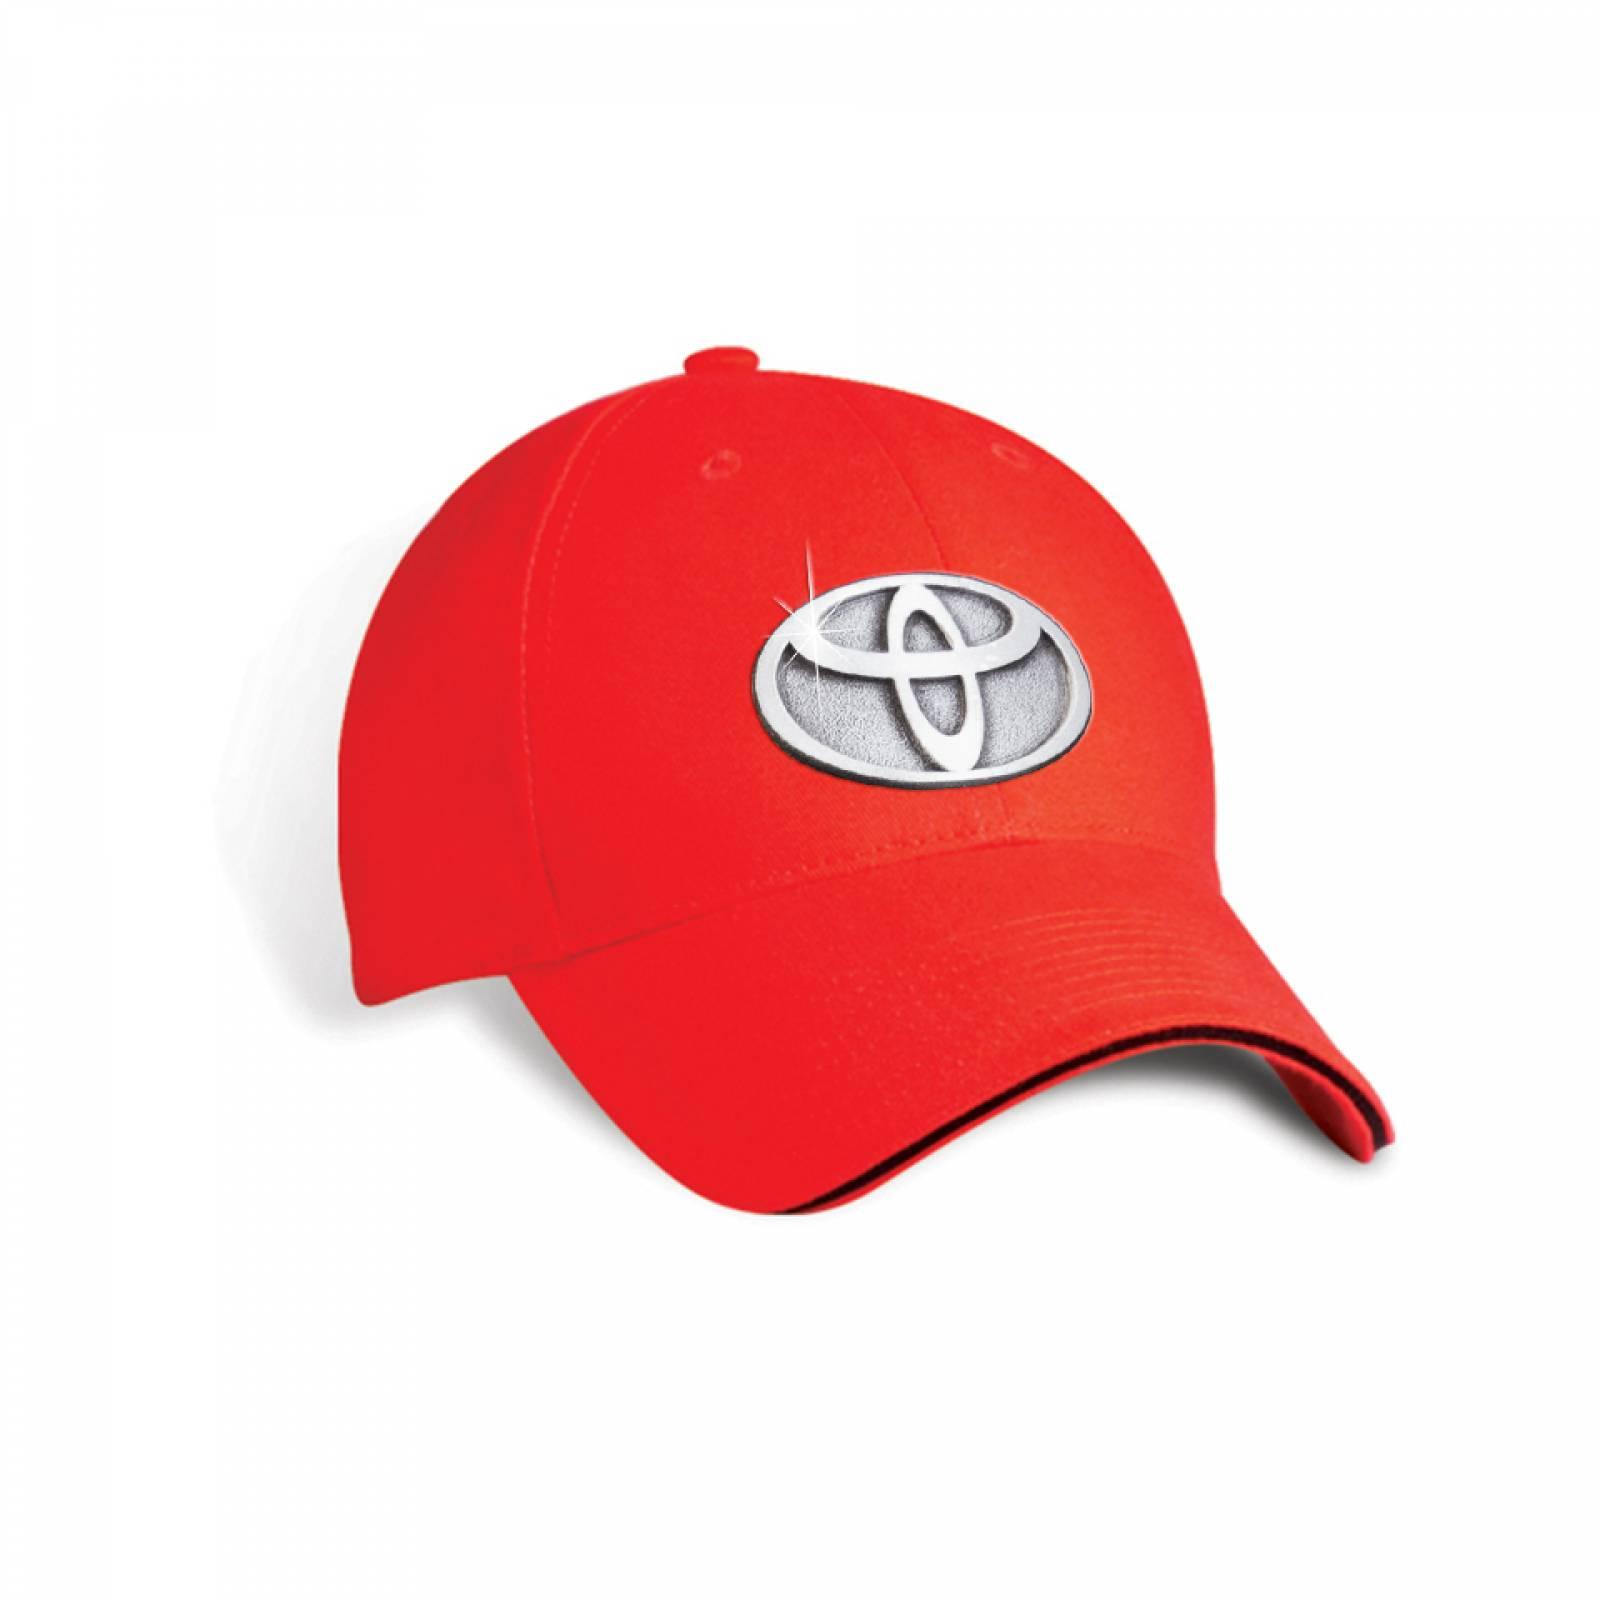 Caps with Metal Emblem